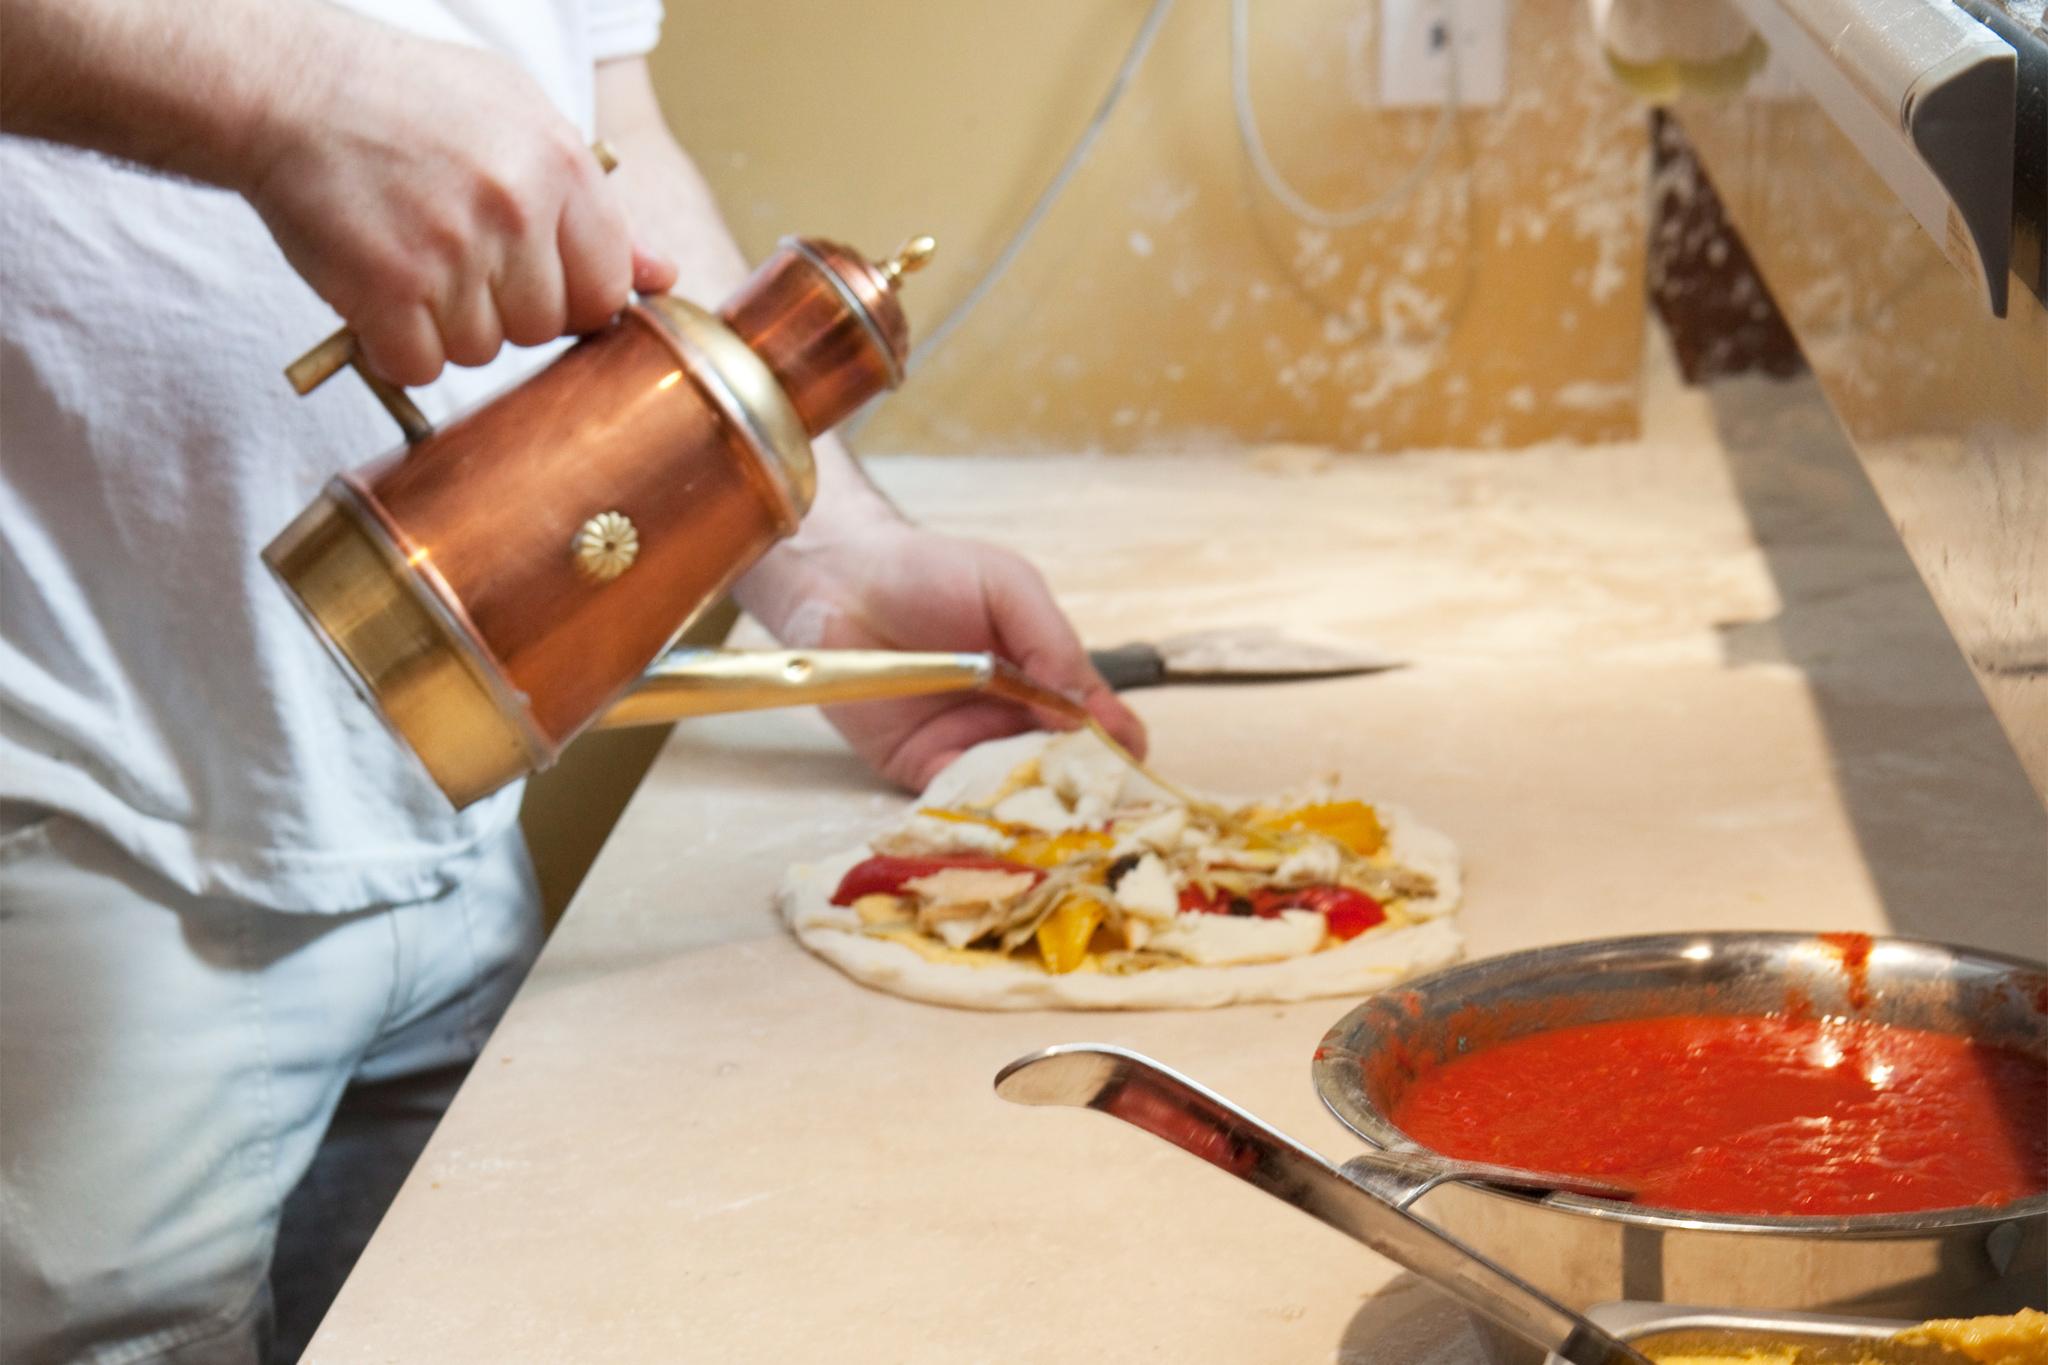 Gluten-free pizza at Kest Pizza & Vino